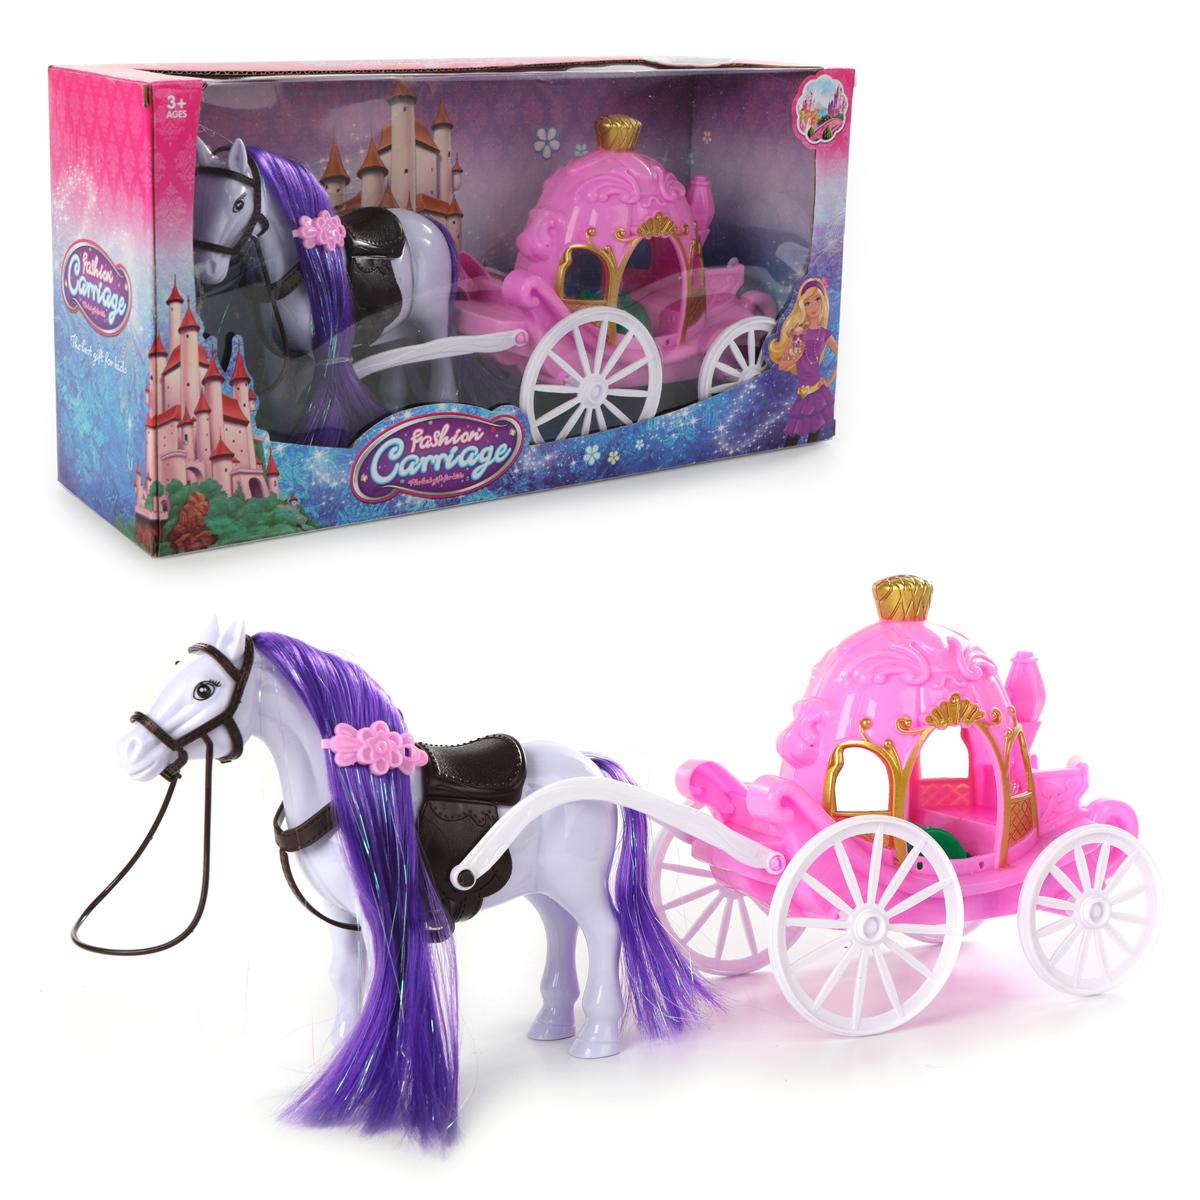 романтический картинки лошадь с каретой игрушки что идентификация личности